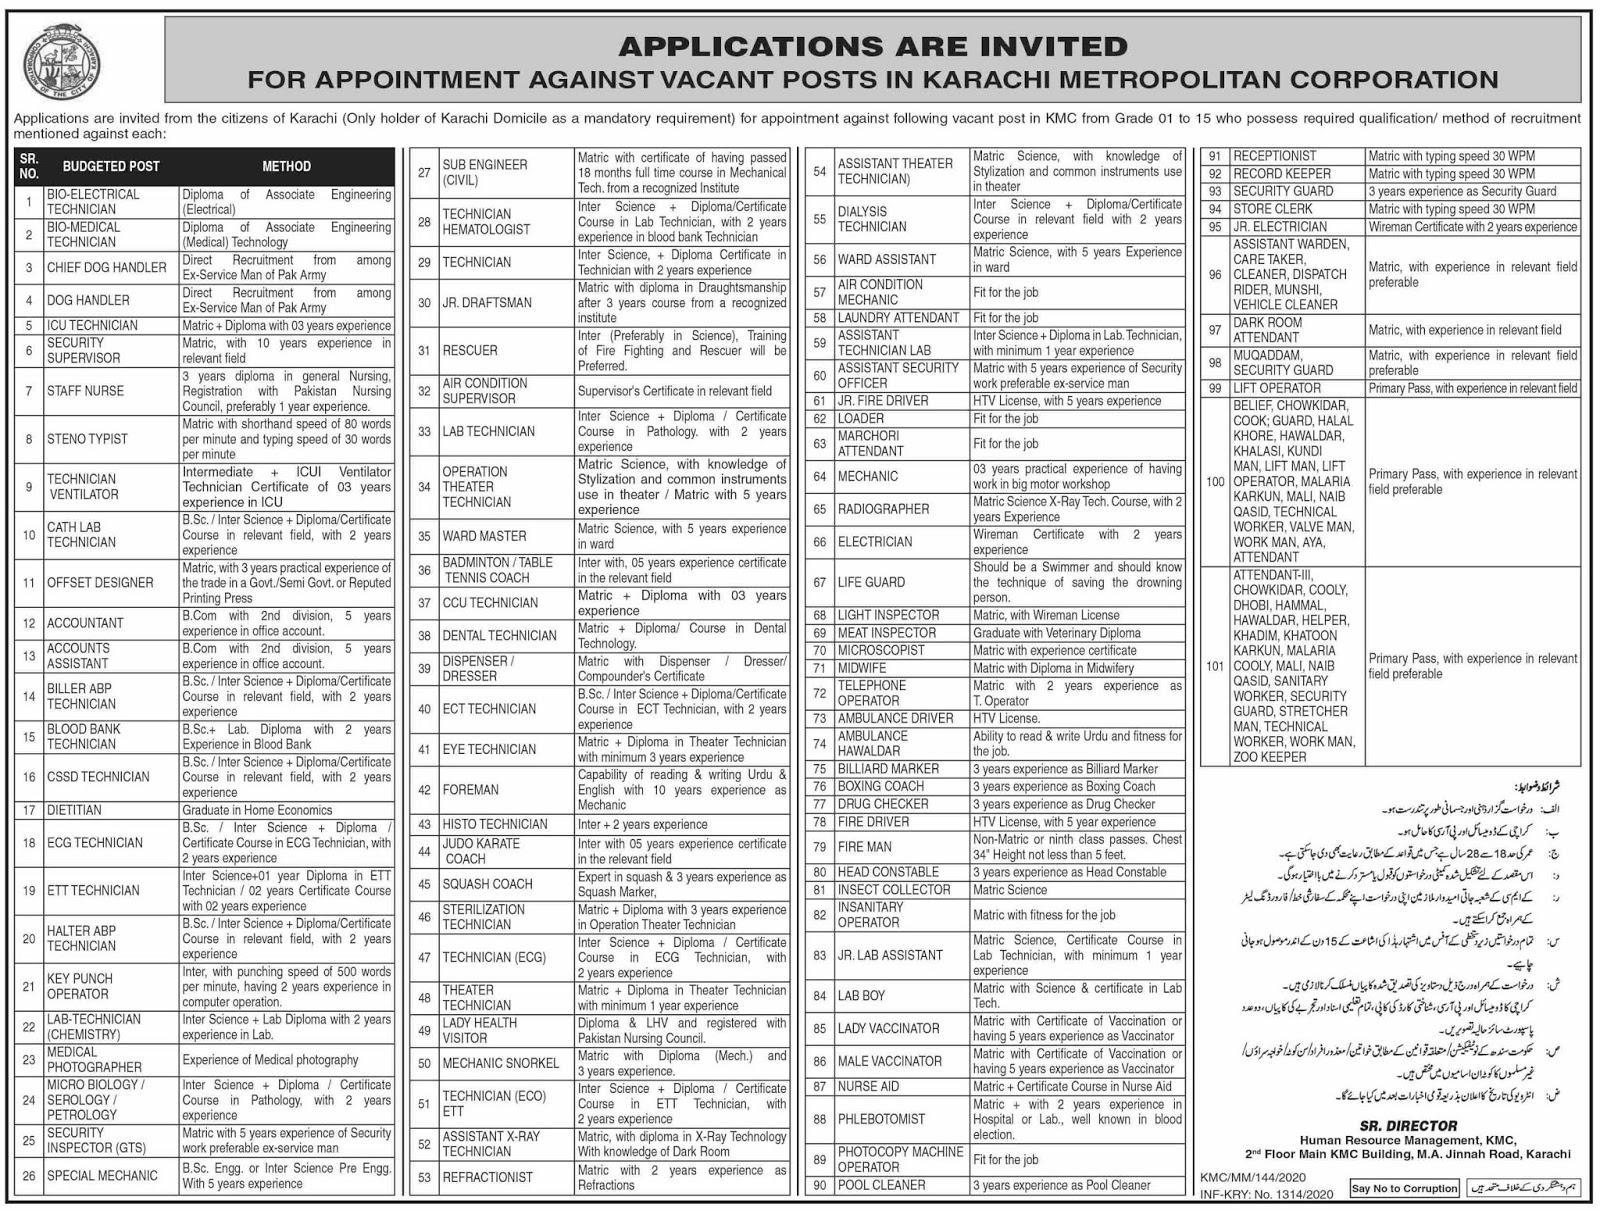 Jobs in Karachi Metropolitan Corporation